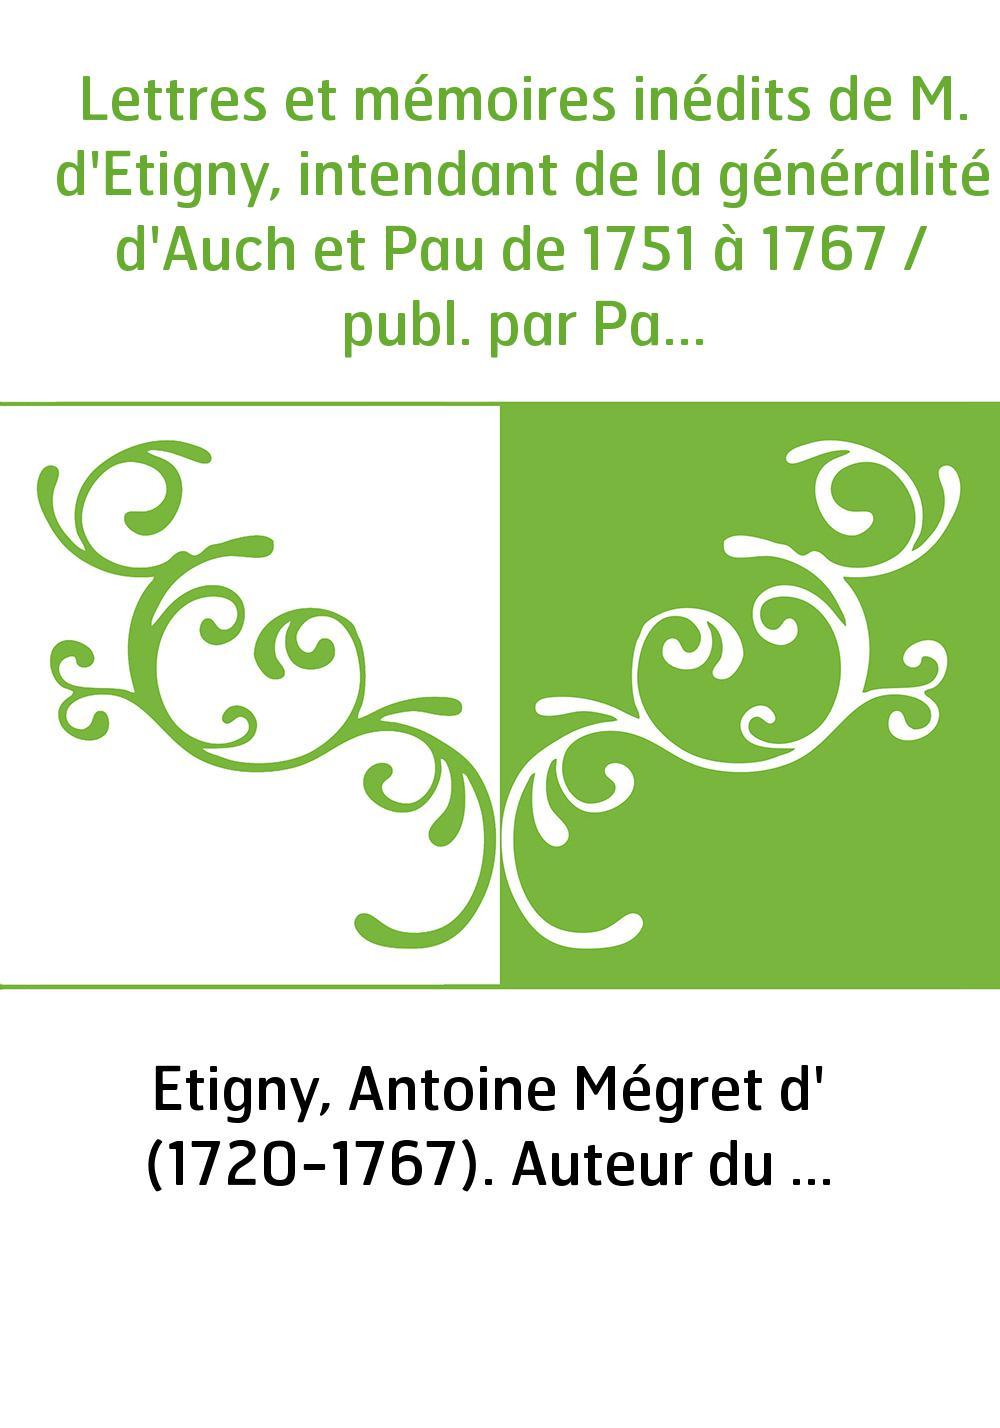 Lettres et mémoires inédits de M. d'Etigny, intendant de la généralité d'Auch et Pau de 1751 à 1767 / publ. par Paul Parfouru,..